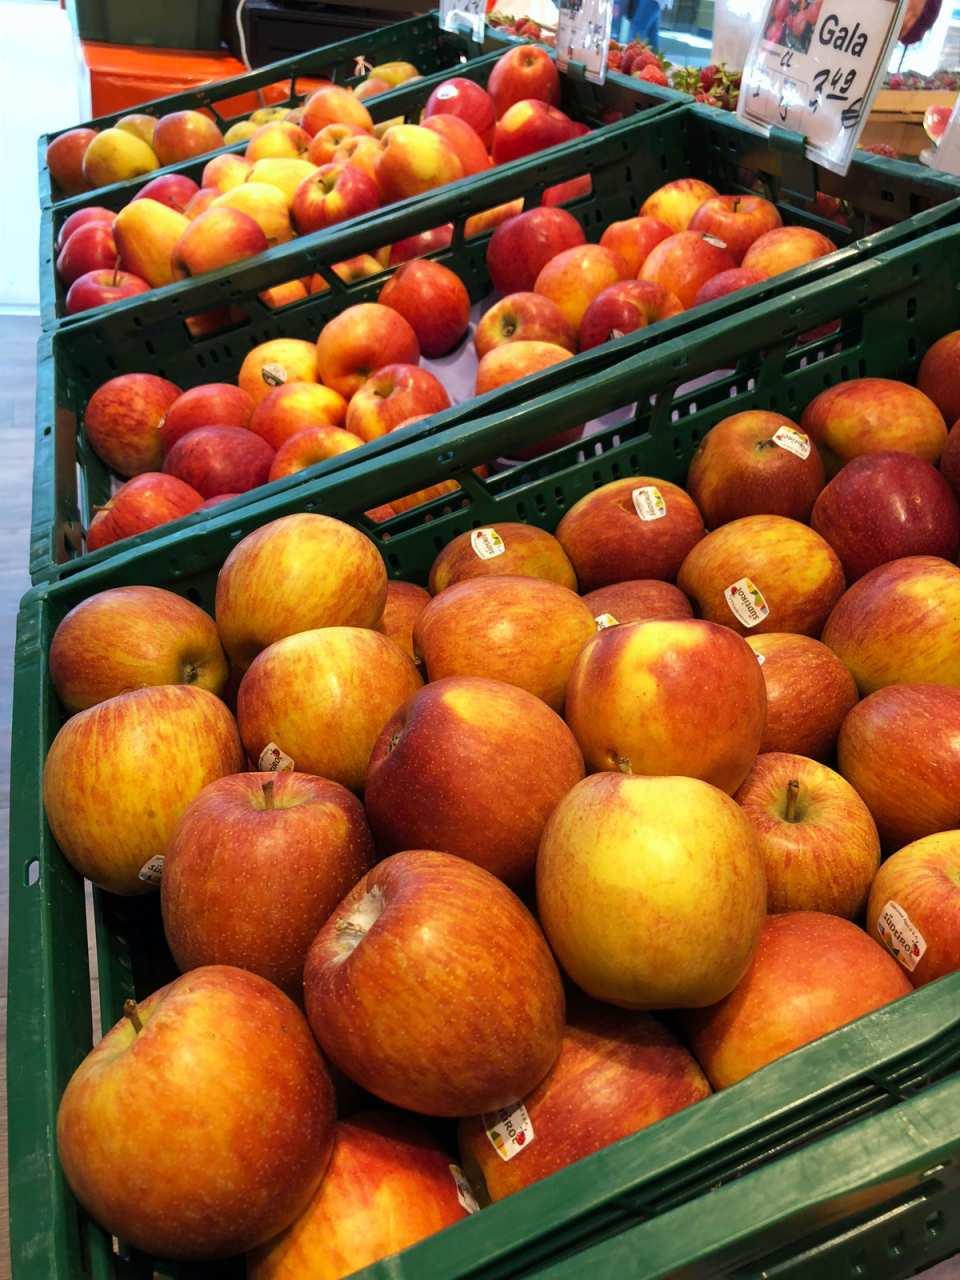 Früchte Brandenburgs: Beim Frische-Express gibt's eine große Auswahl an Apfelsorten aus der Region.